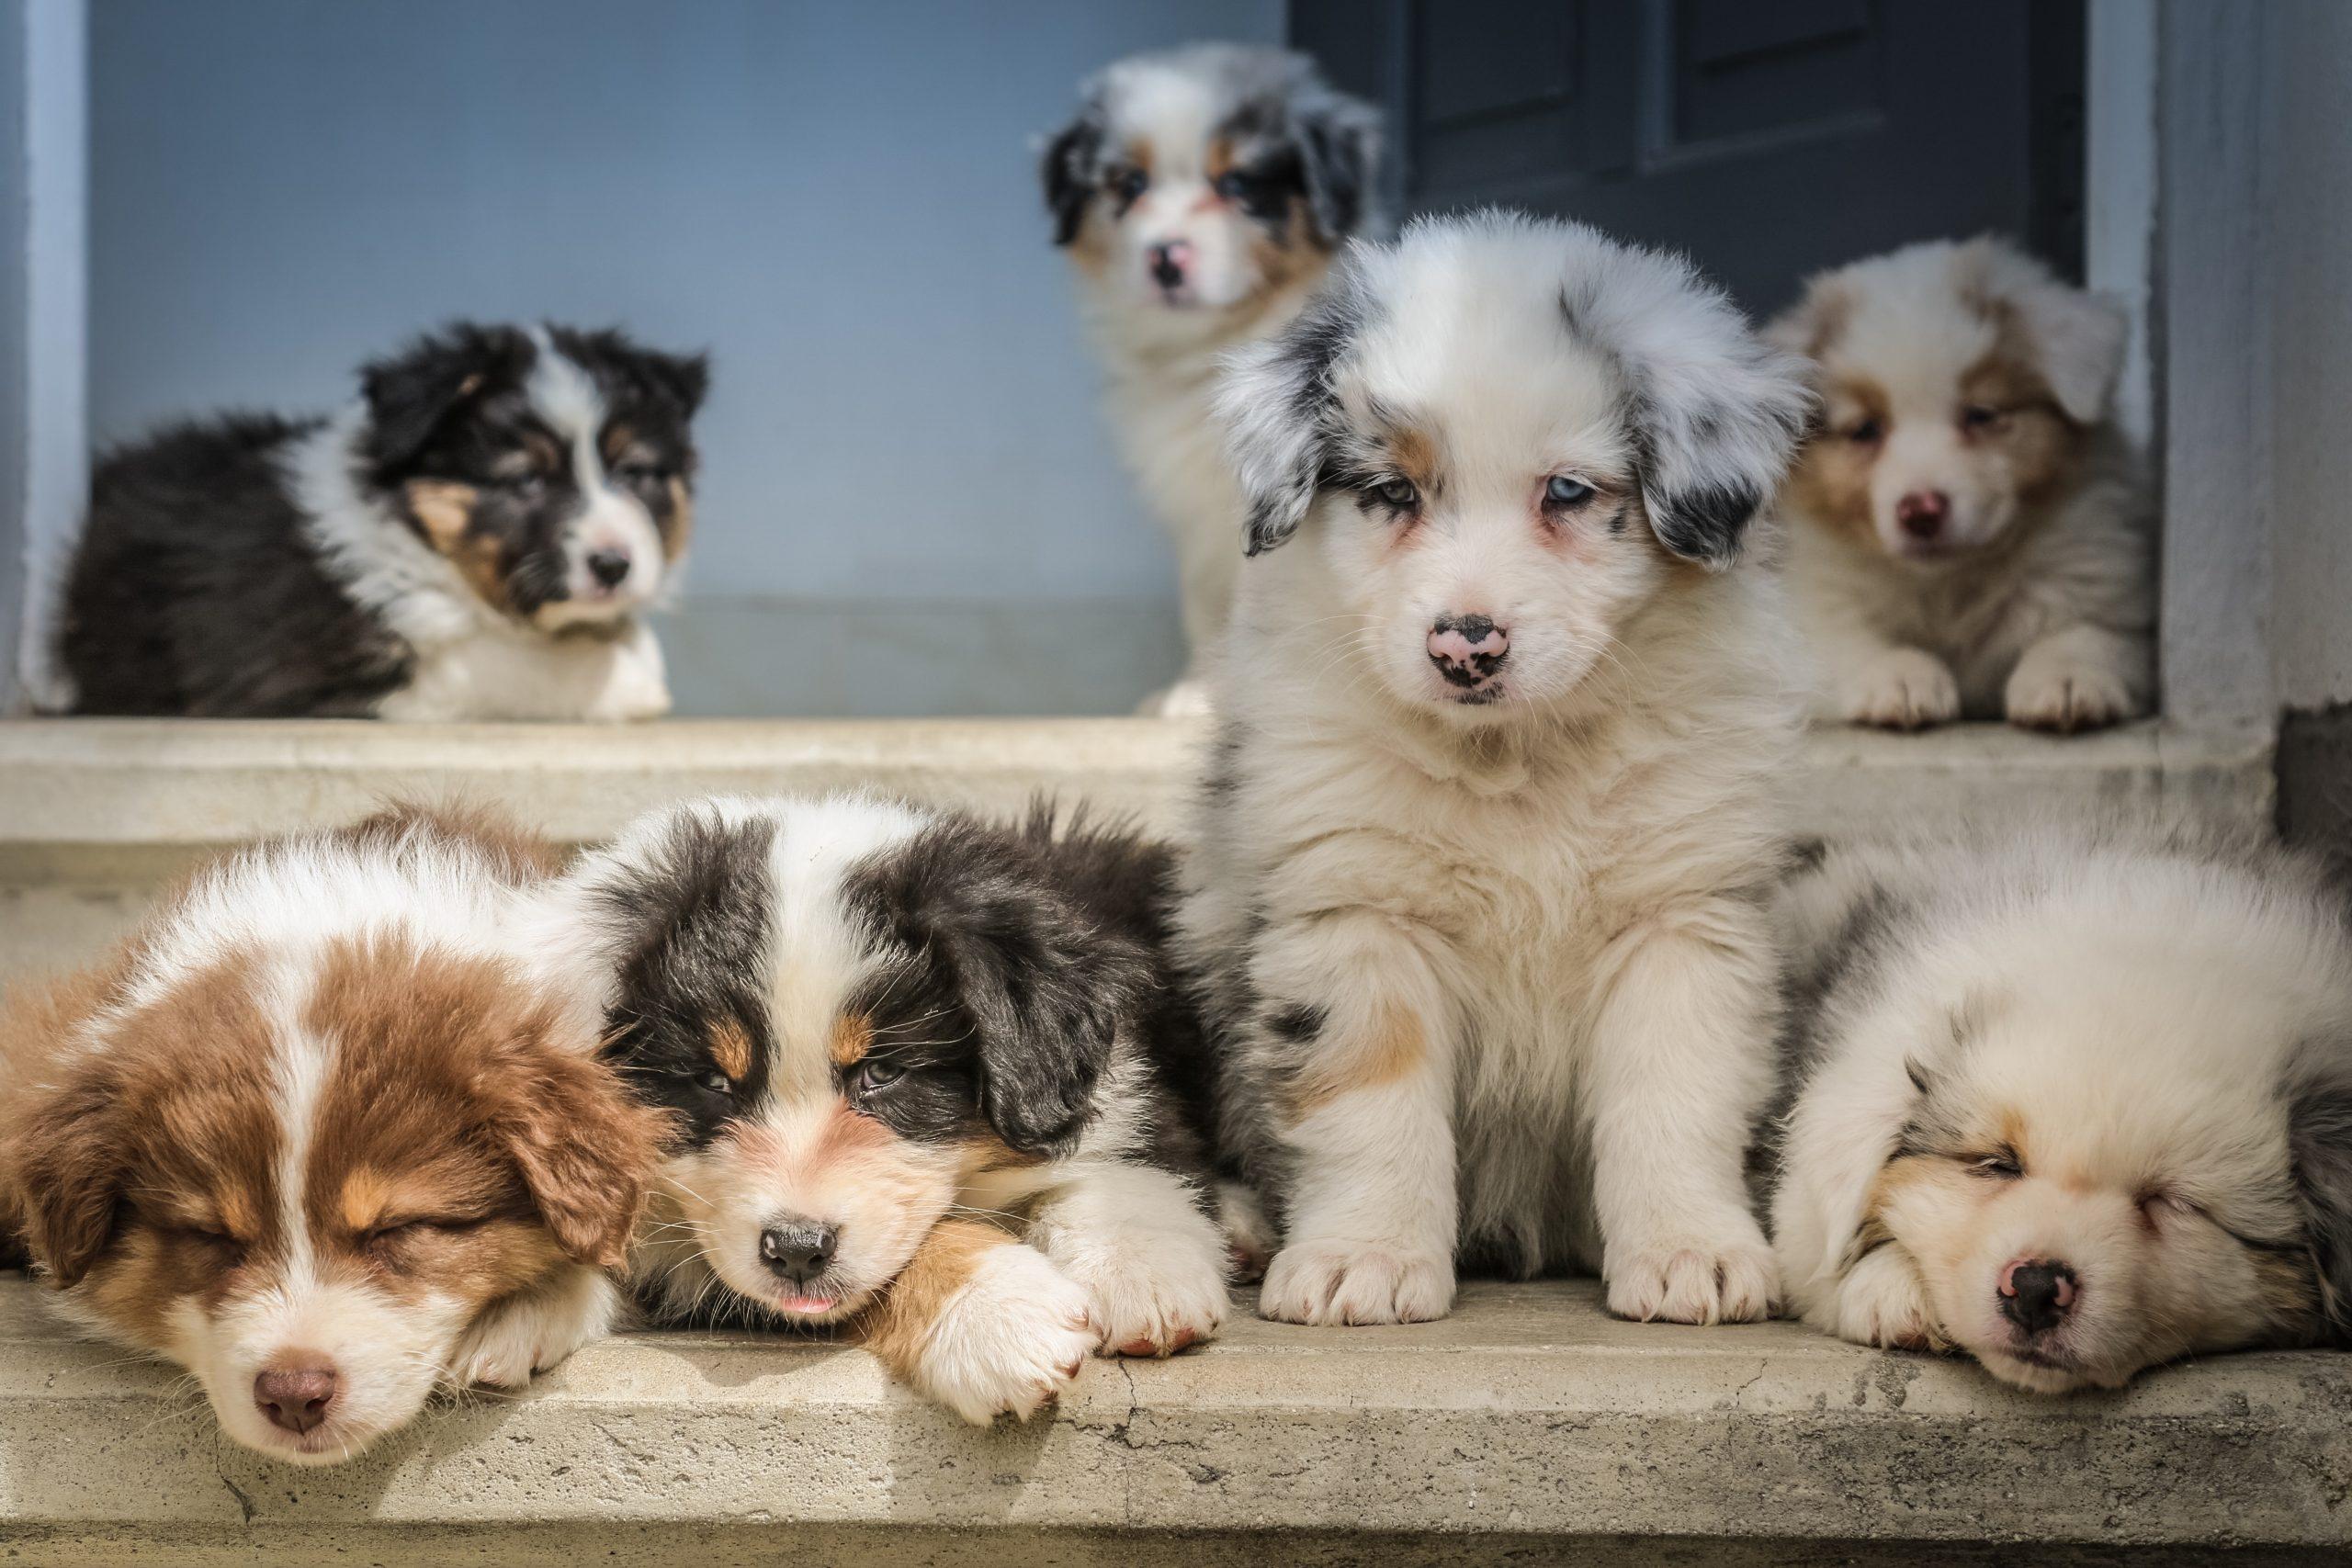 jametlene reskp VDrErQEF9e4 unsplash 1 scaled - La sociabilité du chien: avec les autres chiens et avec l'Homme